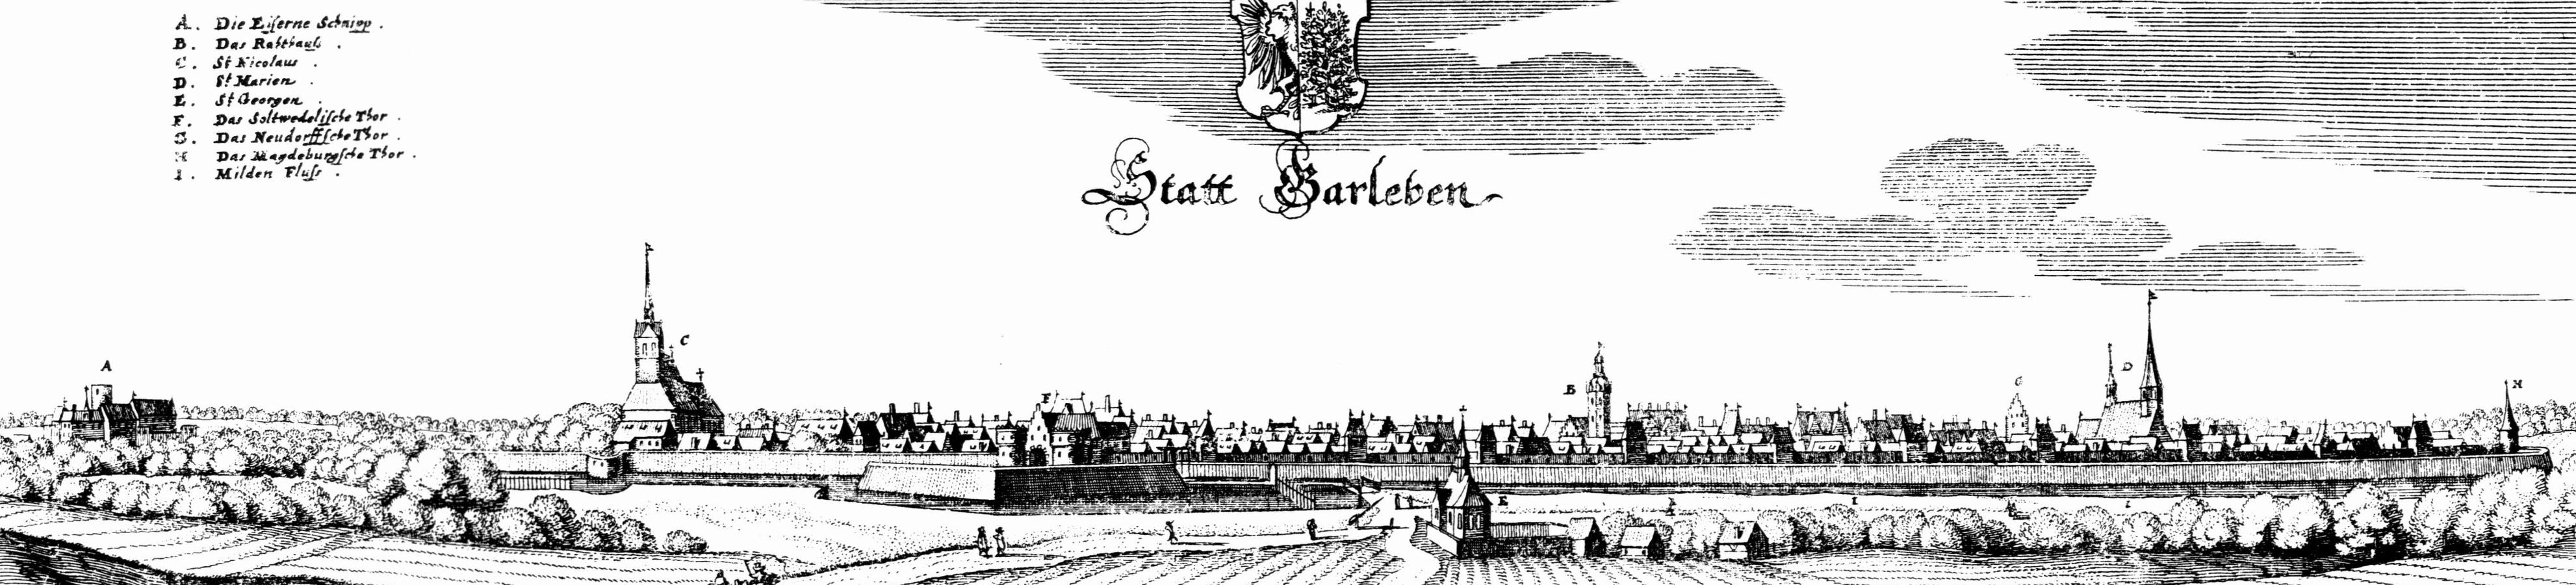 Gardeleben-1652-Merian-